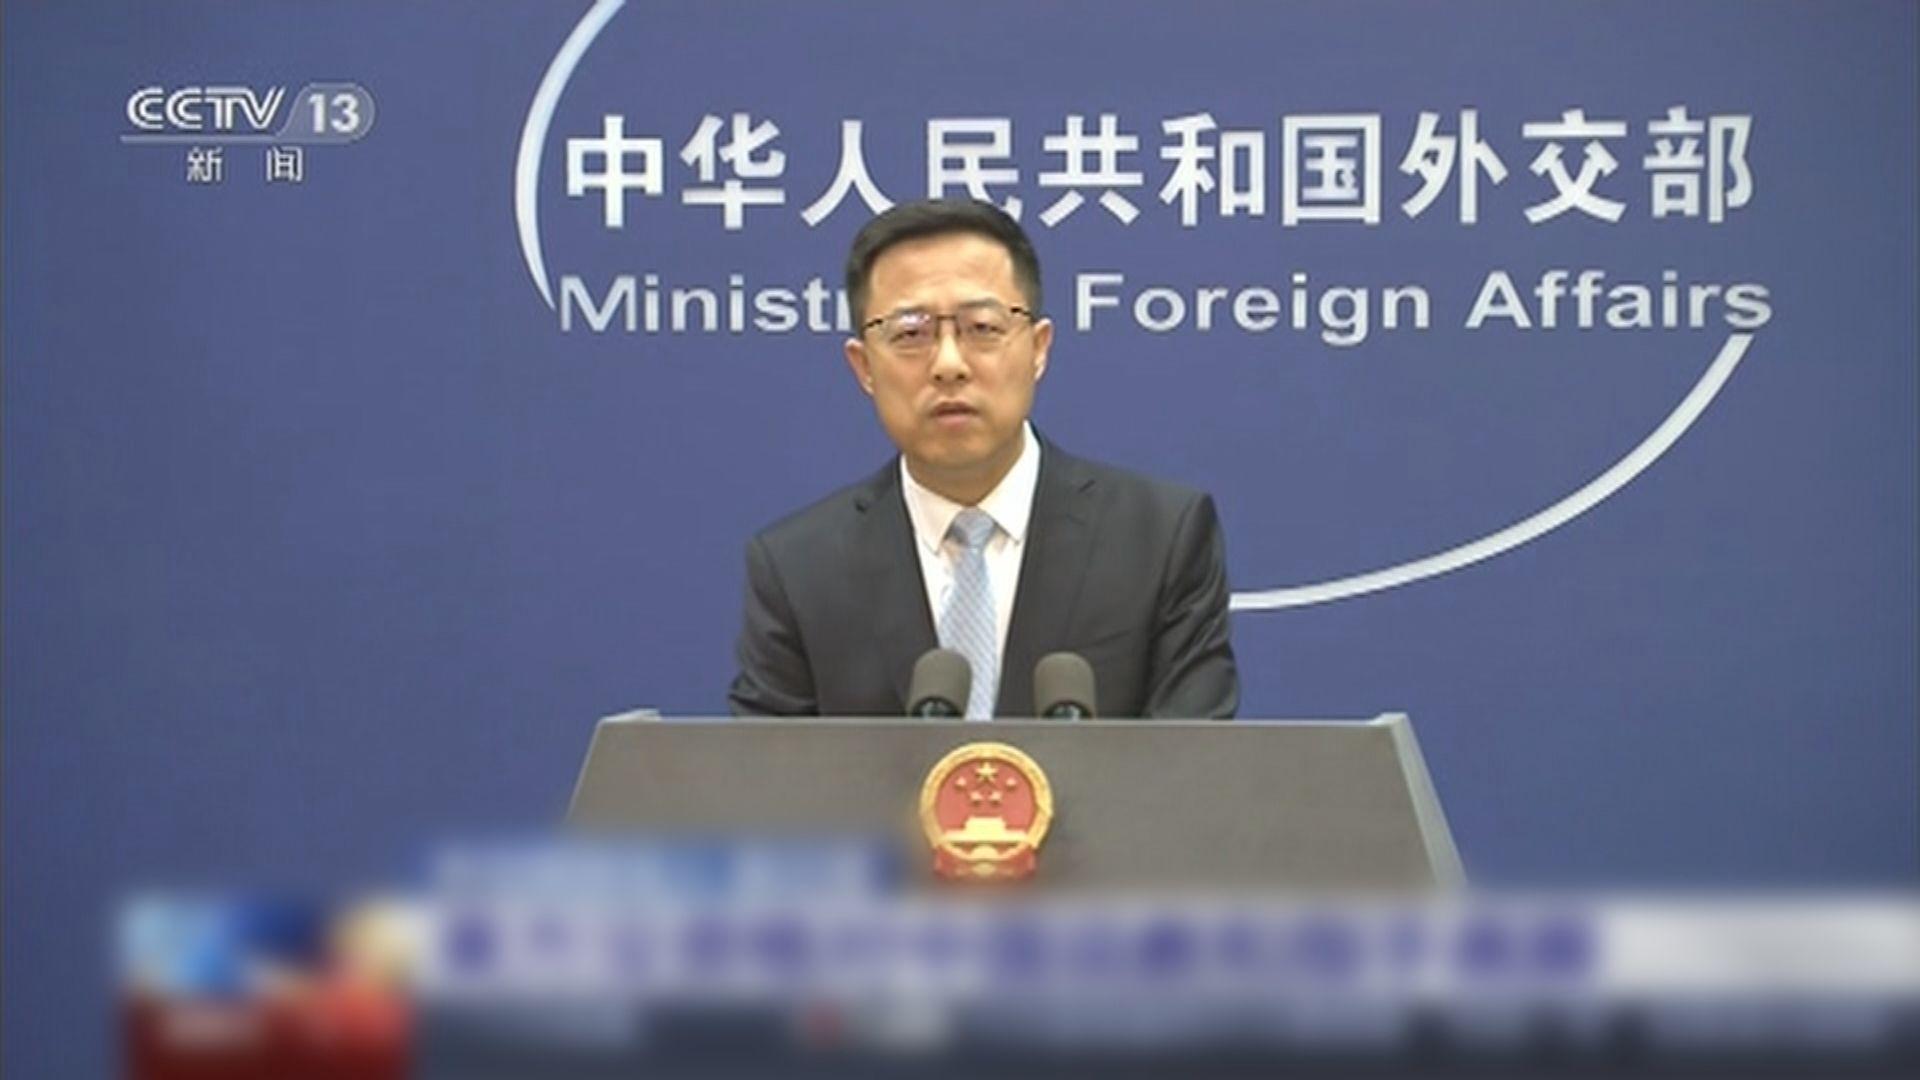 美國起訴9人涉強迫中國逃犯回國受審 北京批污衊抹黑